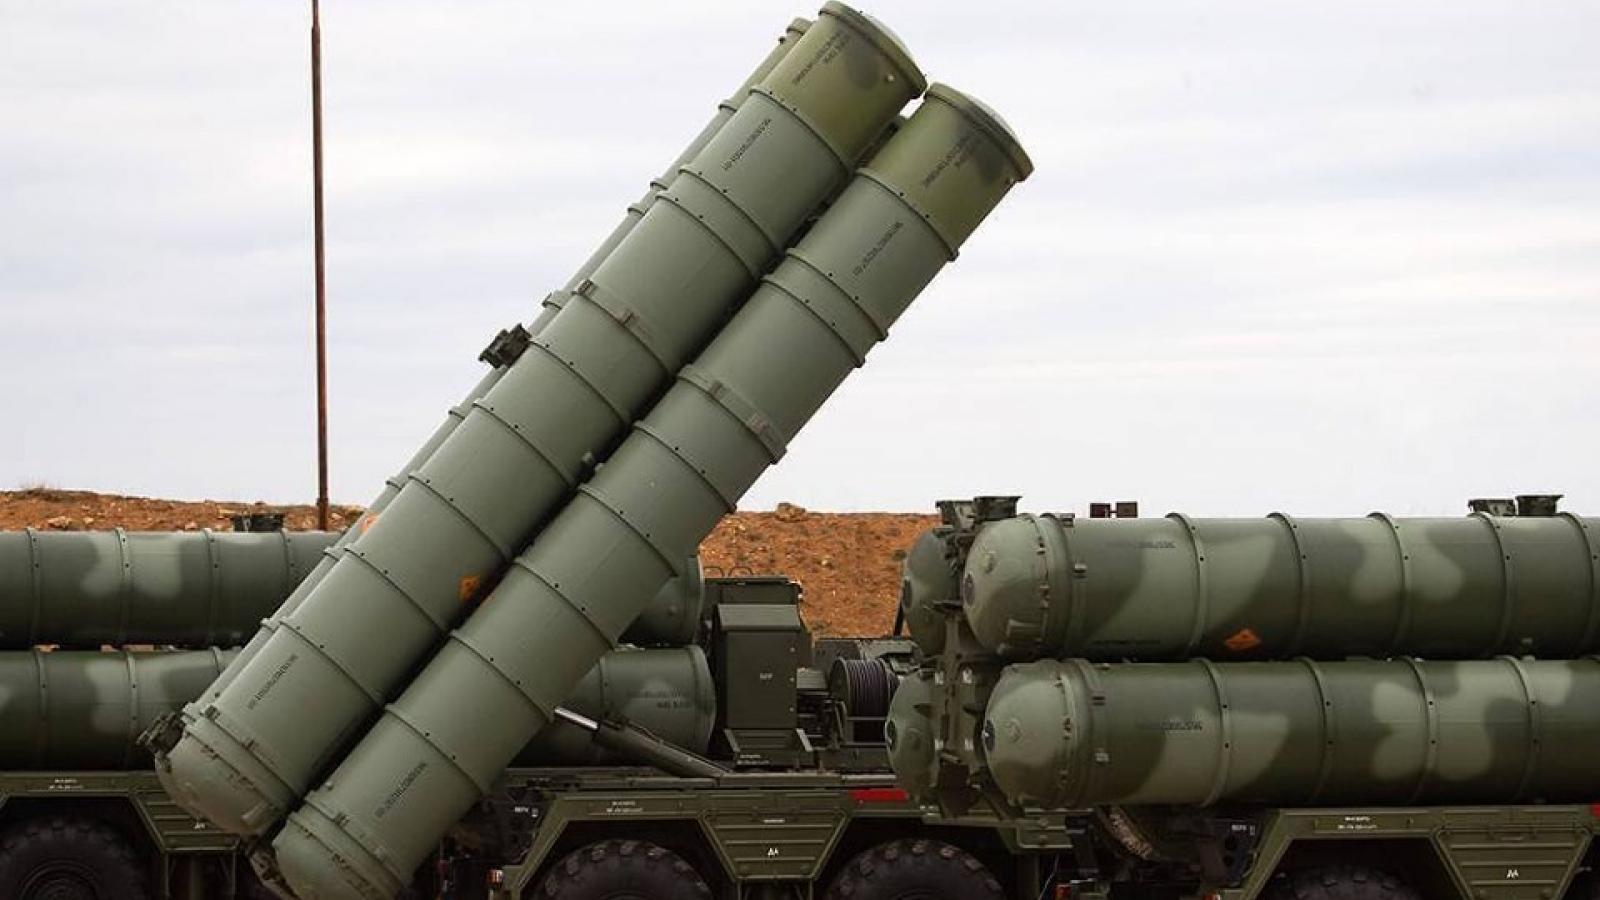 Mỹ sắp trừng phạt Thổ Nhĩ Kỳ vì mua hệ thống S-400 của Nga